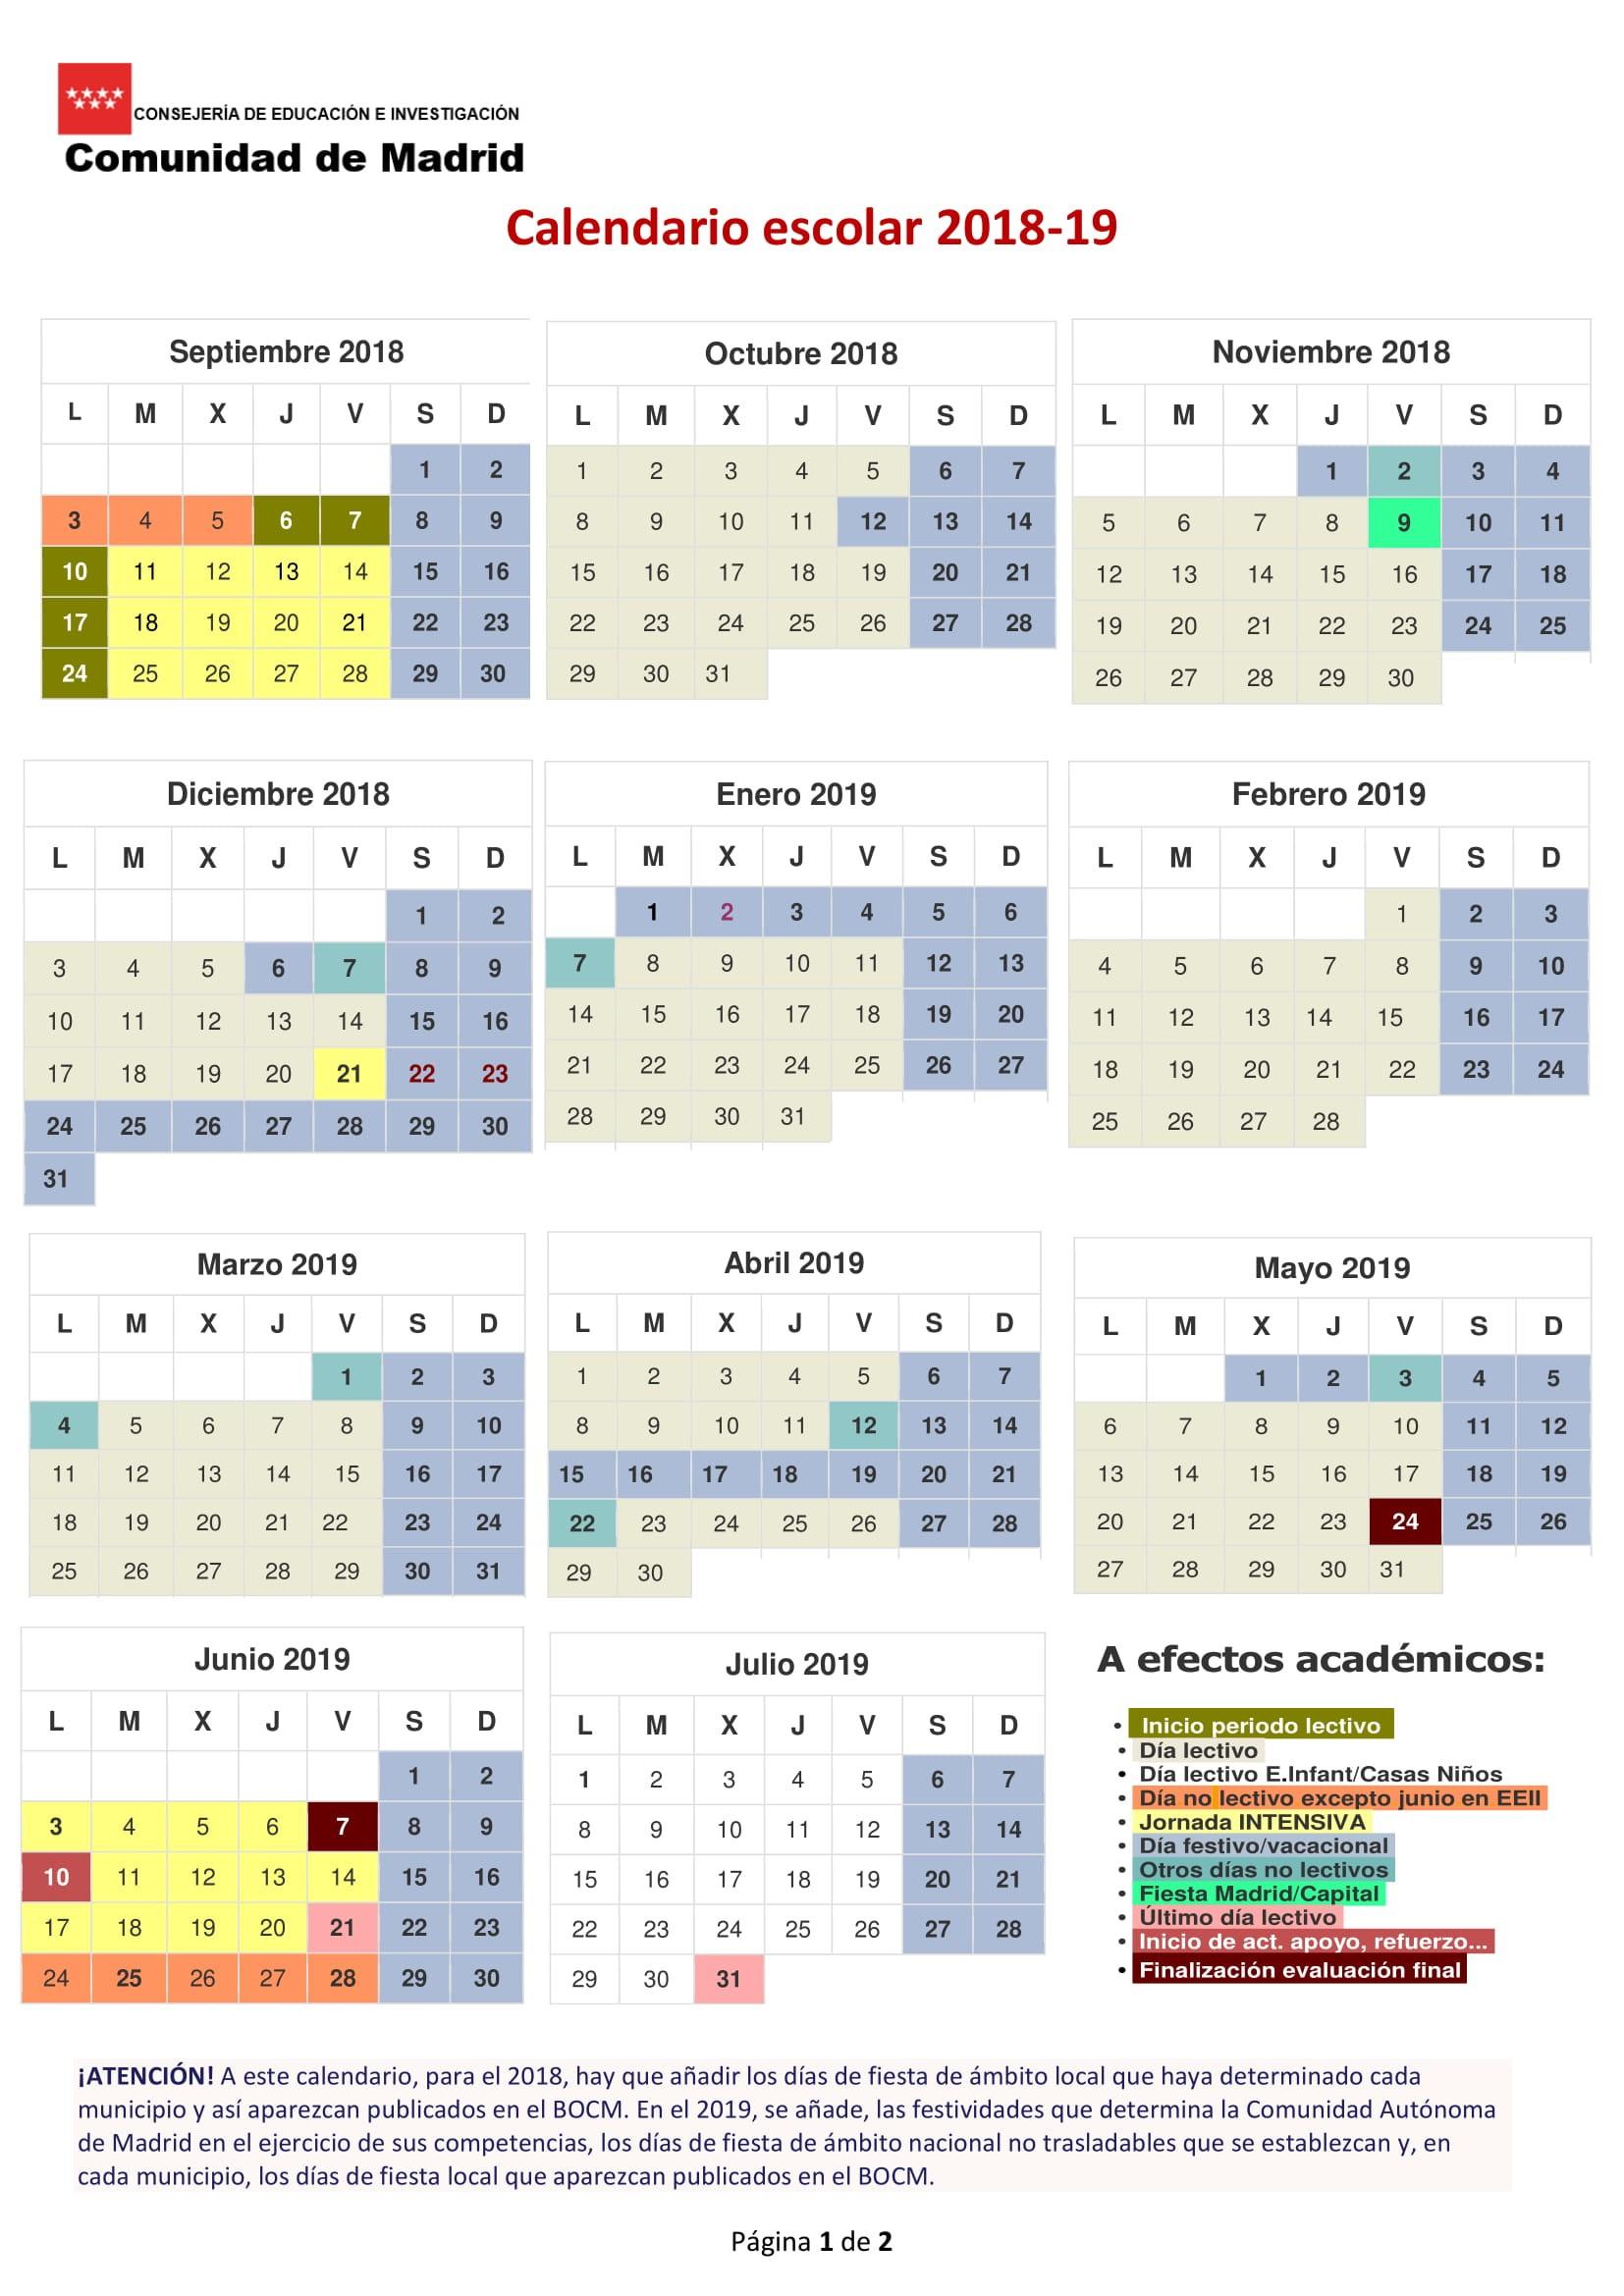 Calendario De Google Para Imprimir Más Caliente Calendario Escolar 2018 2019 En Madrid Vacaciones Y Das Festivos Of Calendario De Google Para Imprimir Recientes 165 Best Ideas Para Planificador Images On Pinterest